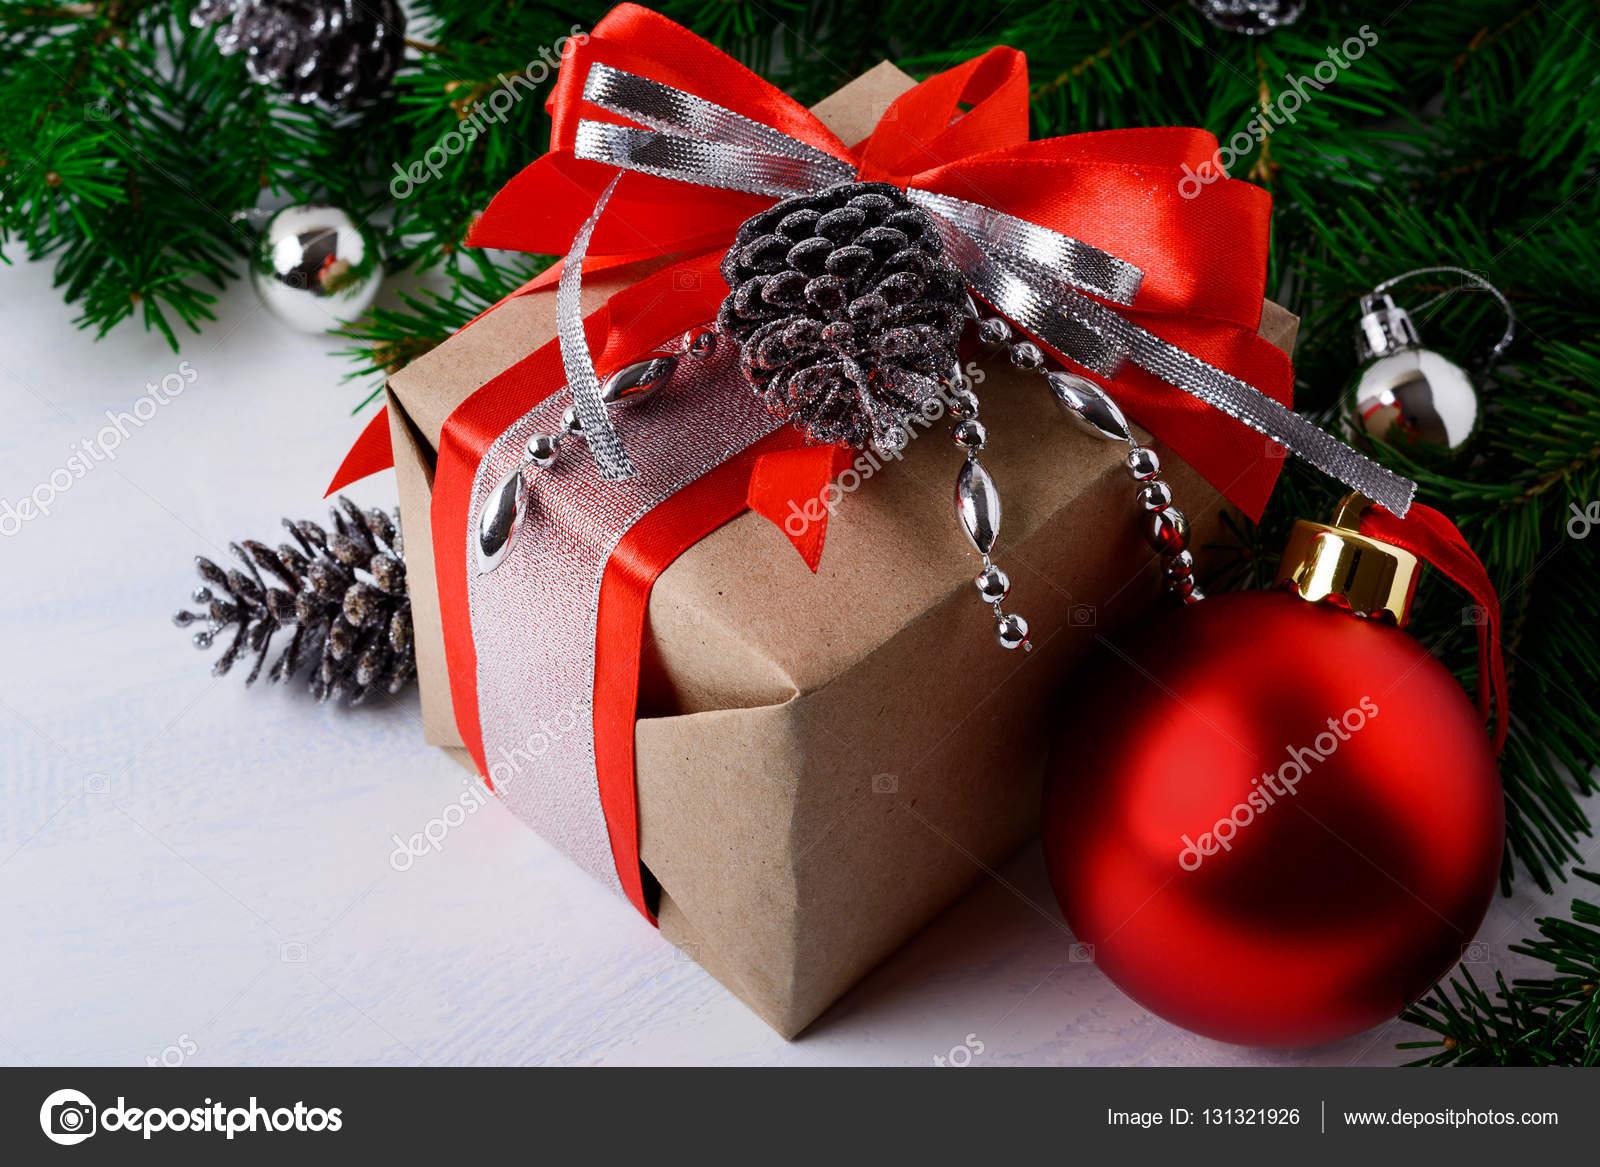 Geschenkkarton Weihnachten.Geschenkkarton Weihnachten Dekoriert Mit Rotem Band